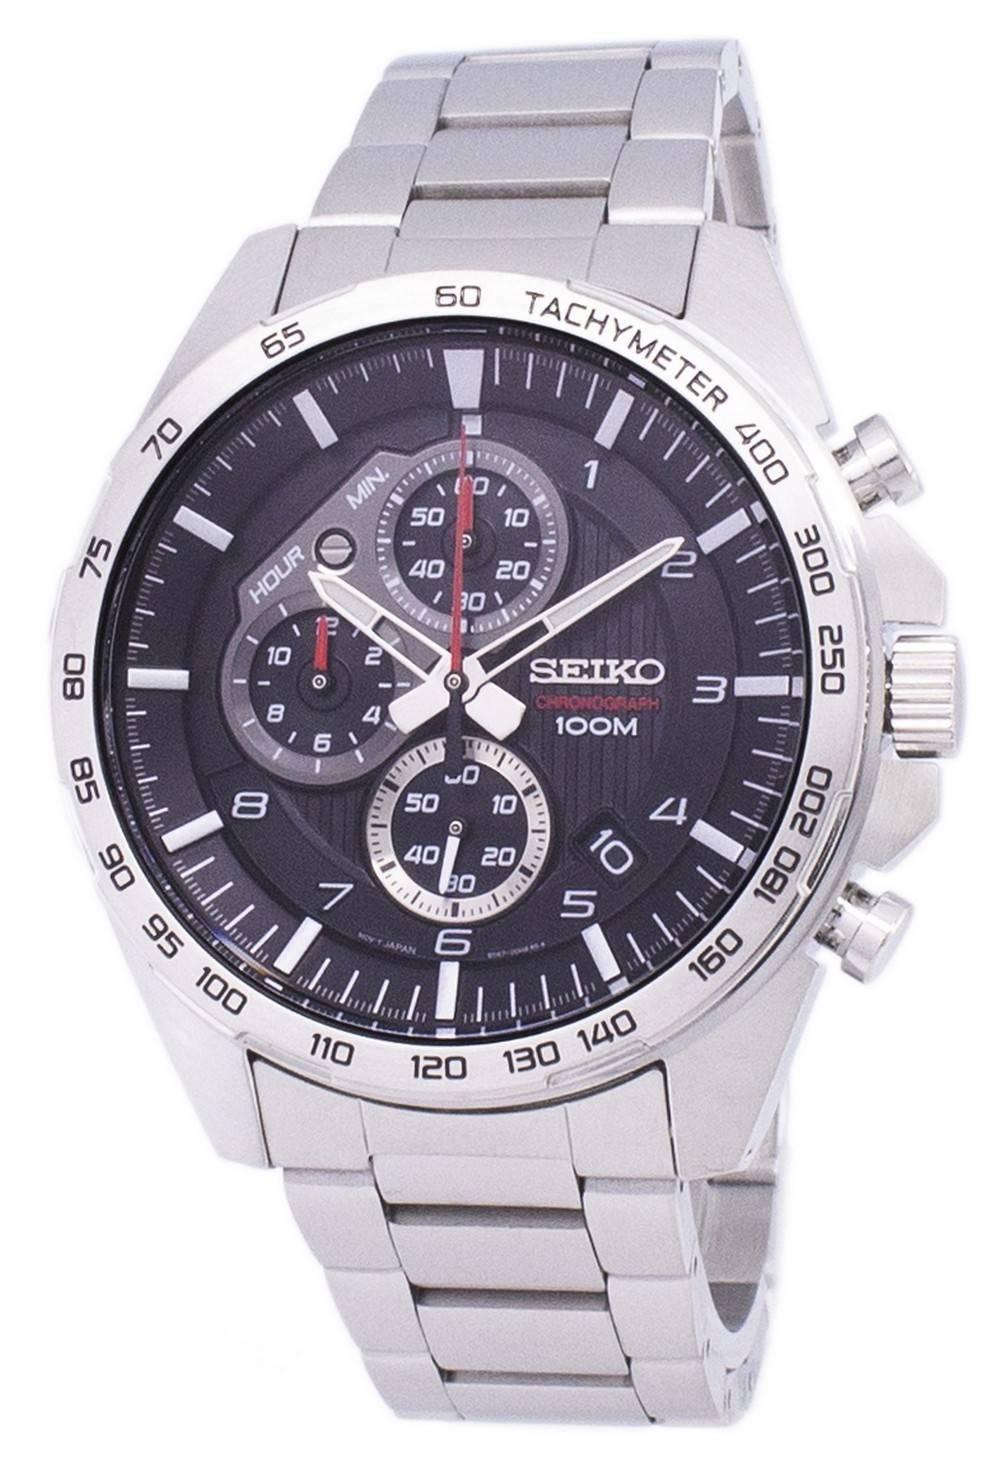 Details about Seiko Chronograph Tachymeter Quartz SSB319 SSB319P1 SSB319P  Mens Watch c7e50b2491ff